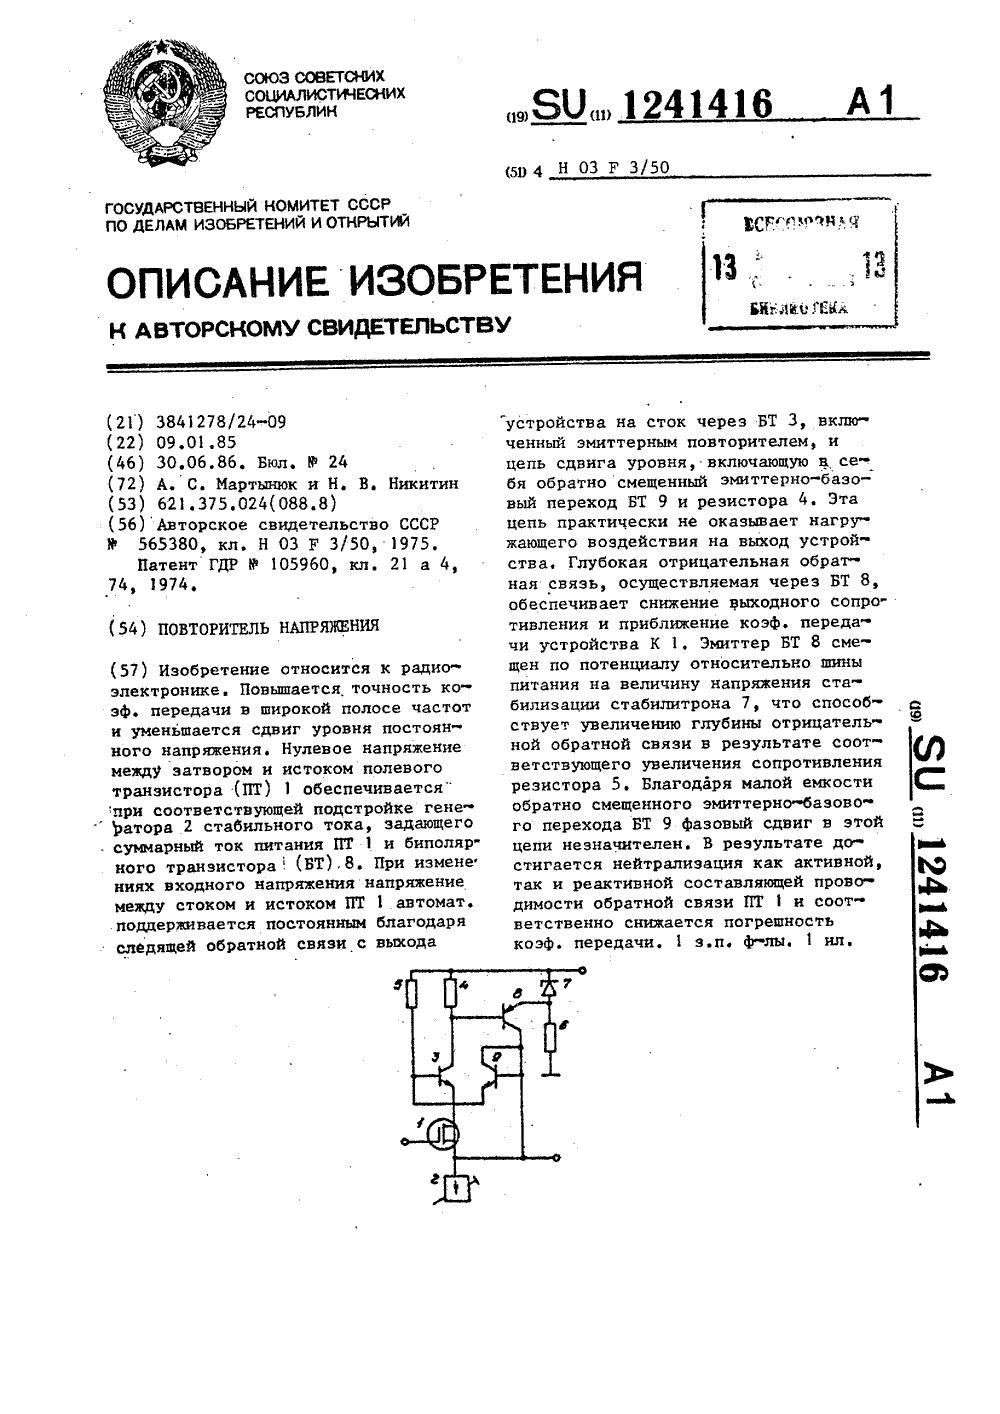 повторитель напряжения на полевом транзисторе схема